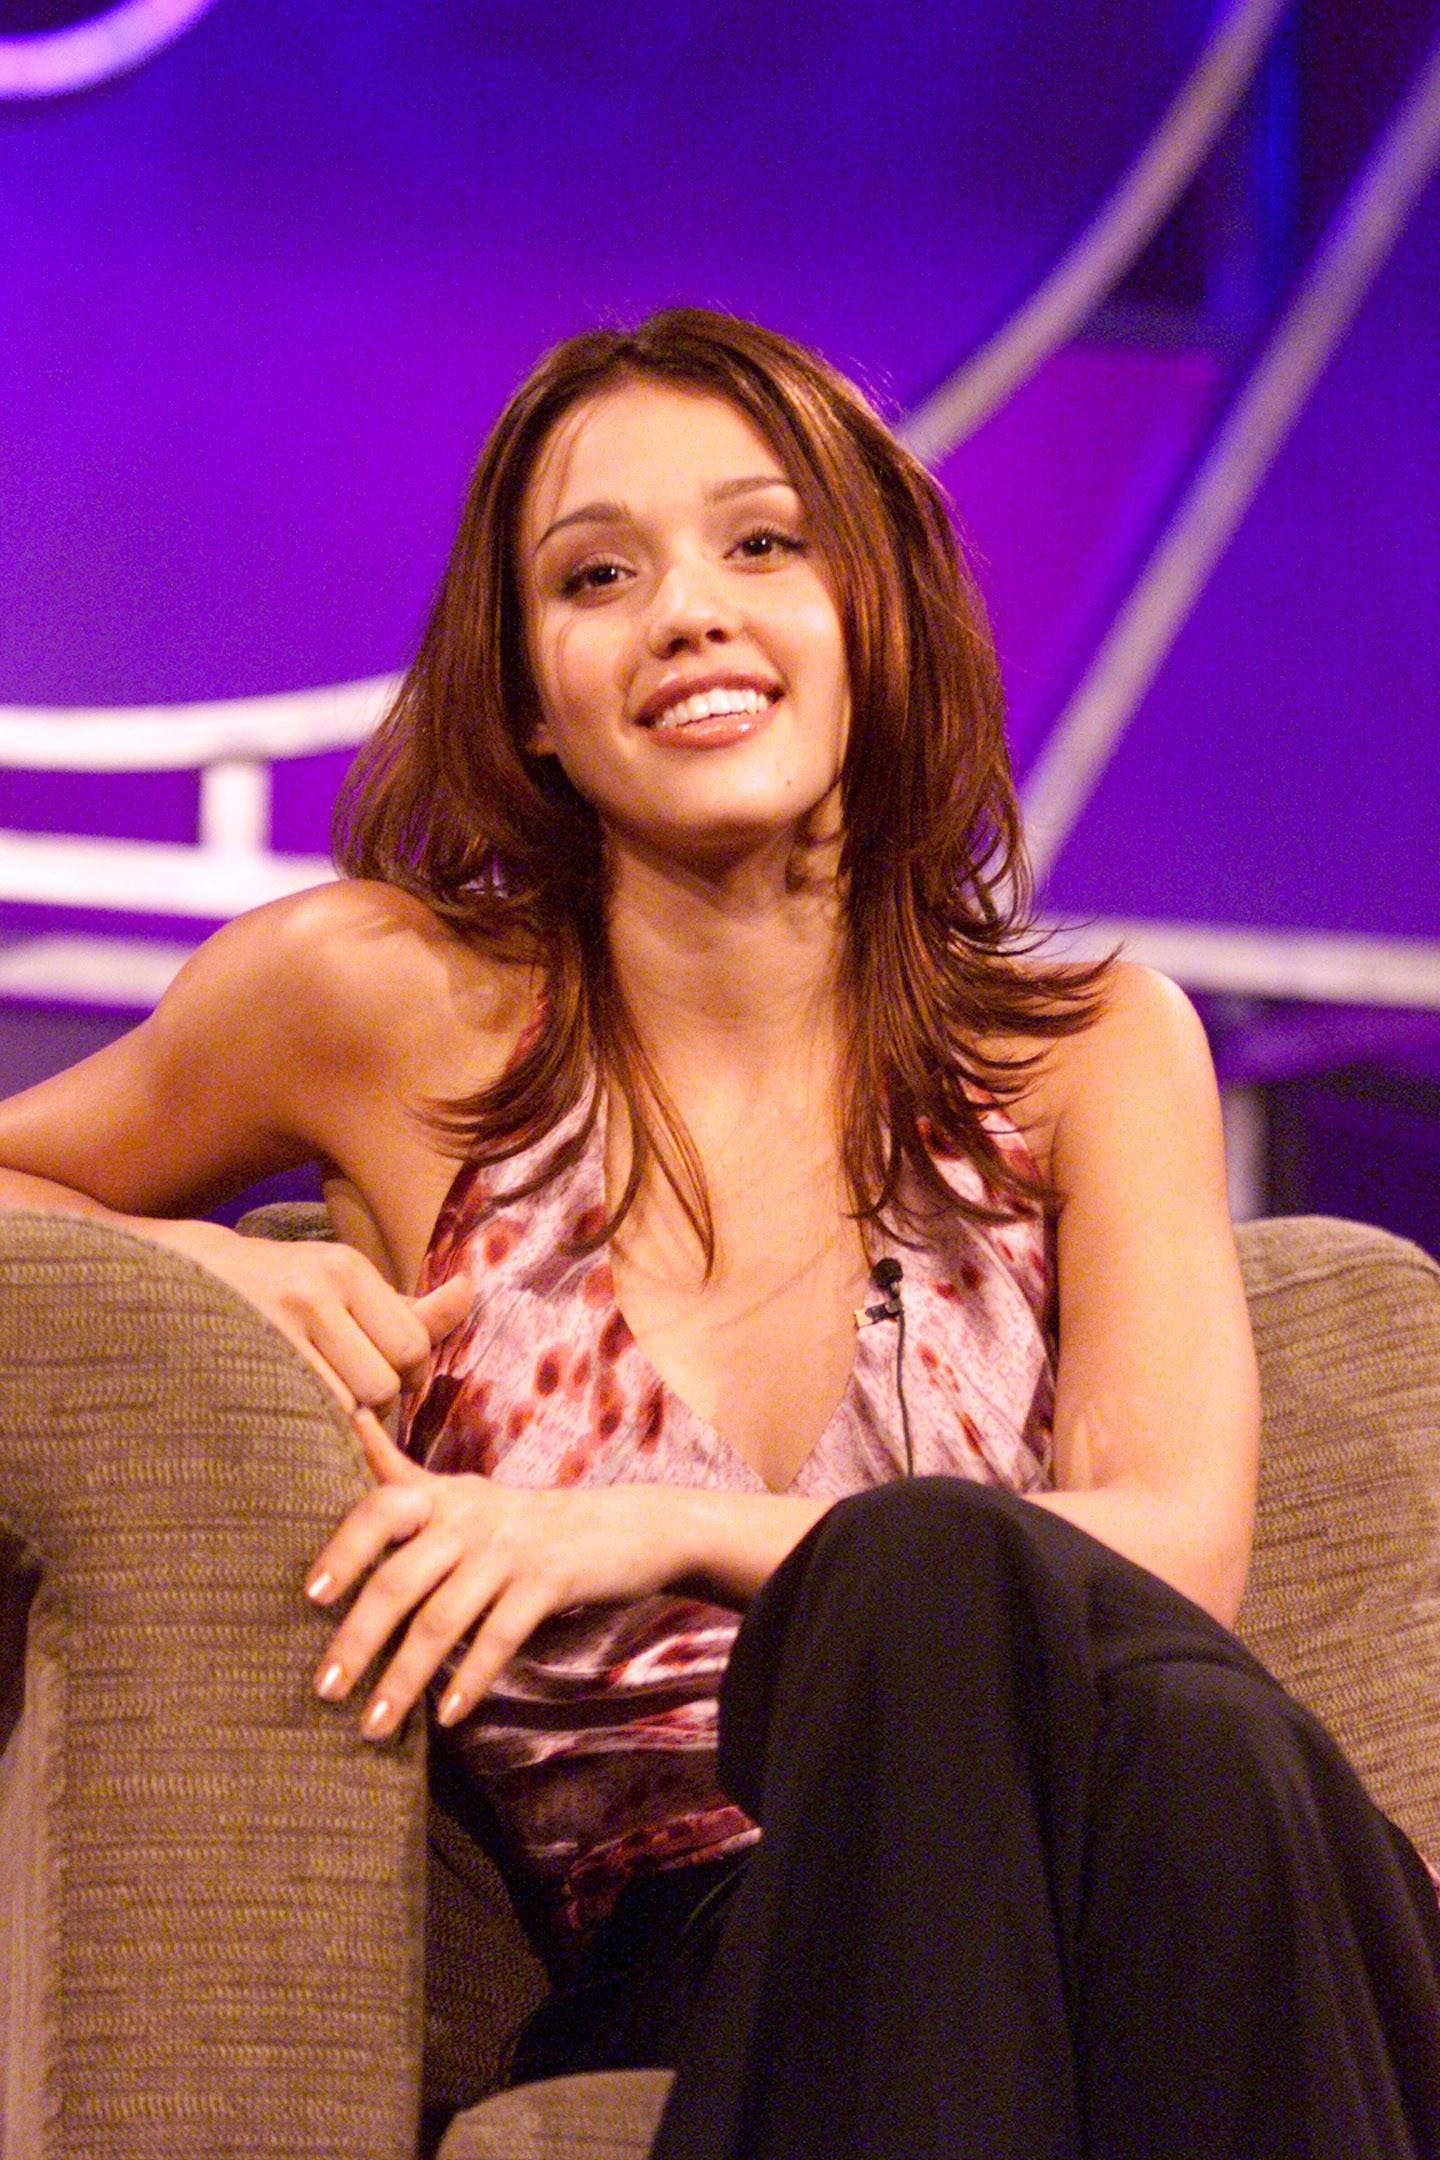 A atriz Jessica Alba em foto do ano 2000, quando tinha 19 anos (Foto: Getty Images)